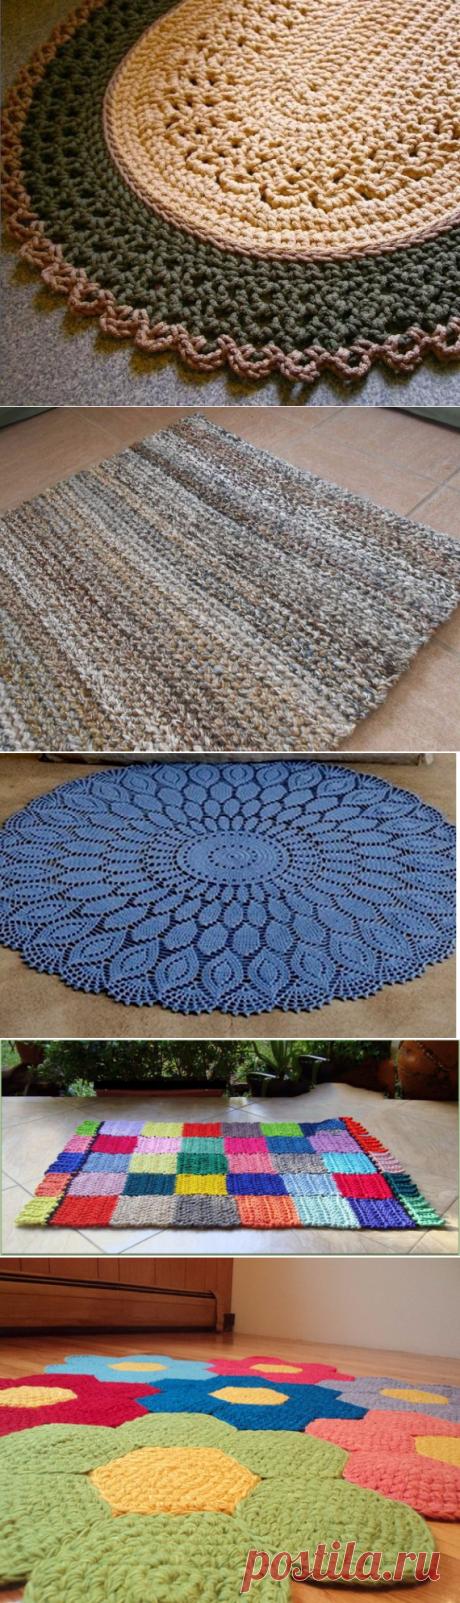 Очень большая подборка ковриков крючком — HandMade